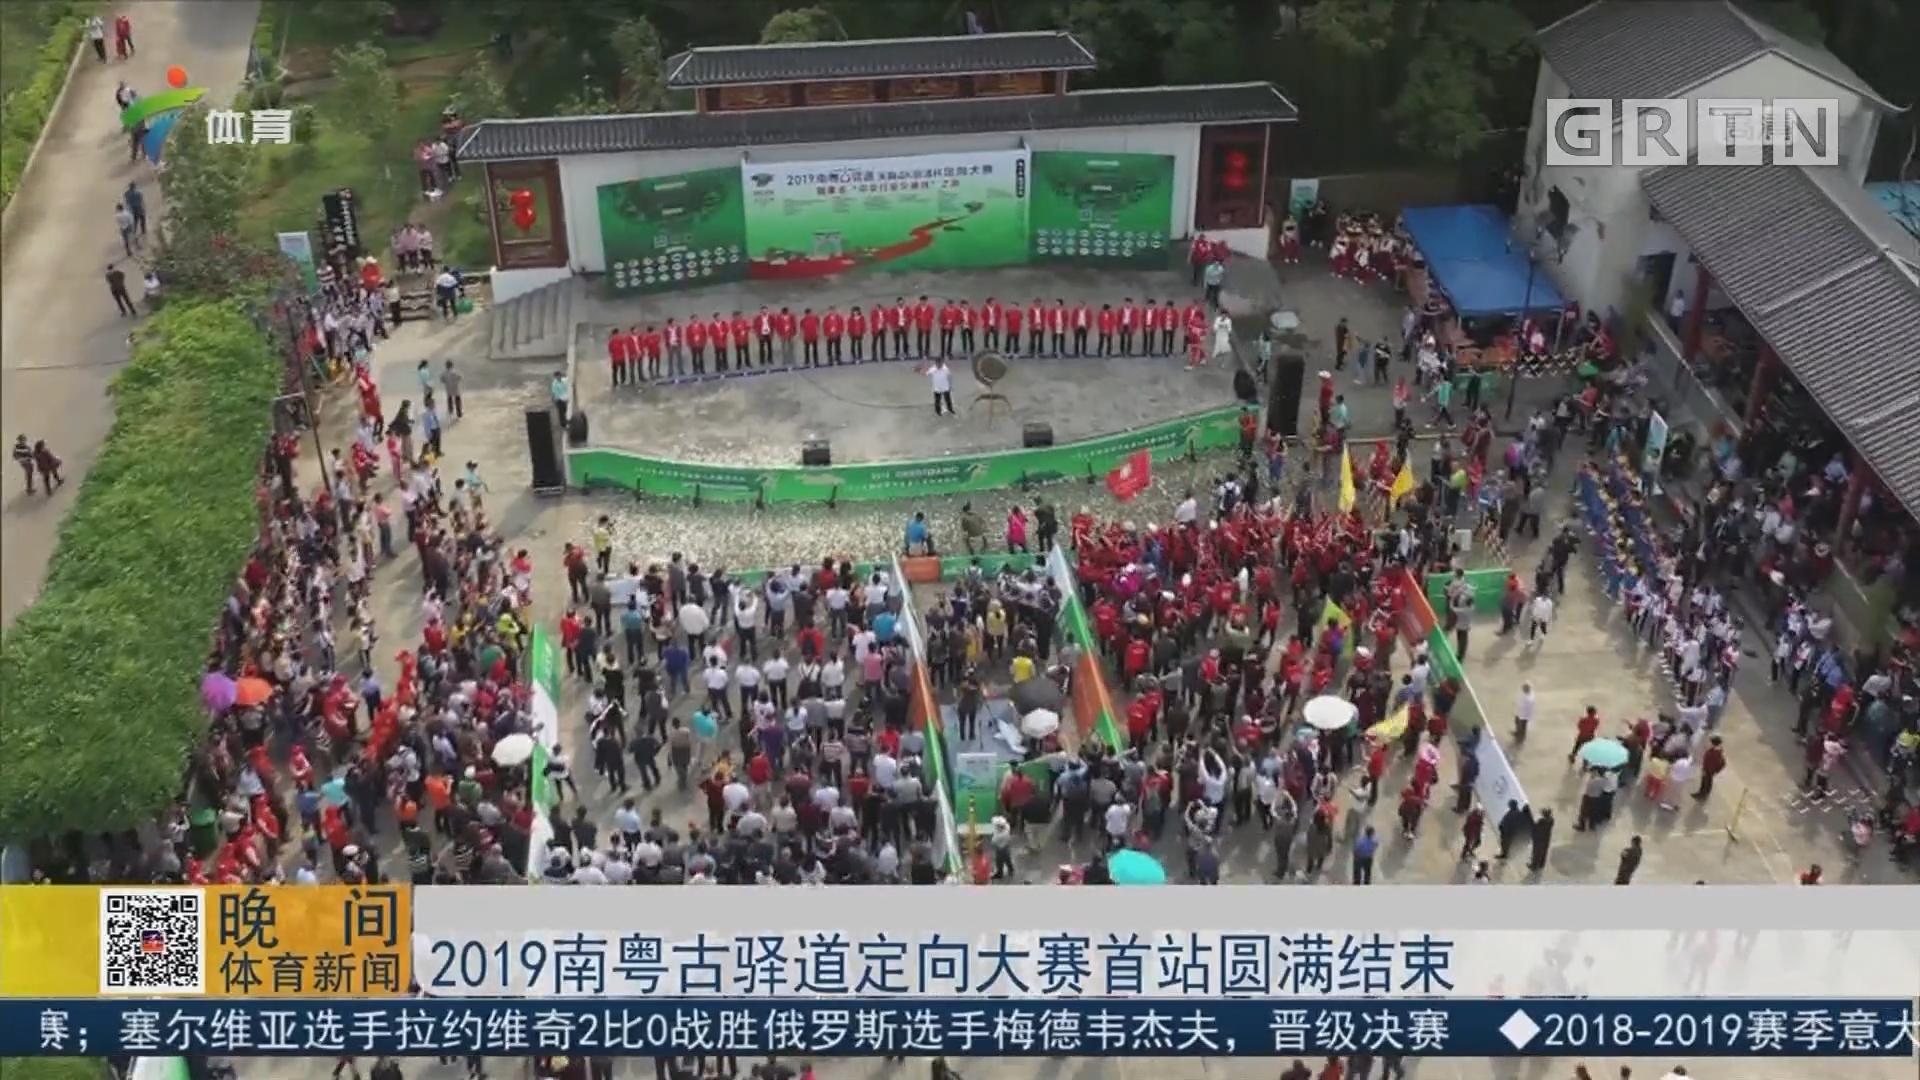 2019南粵古驛道定向大賽首站圓滿結束